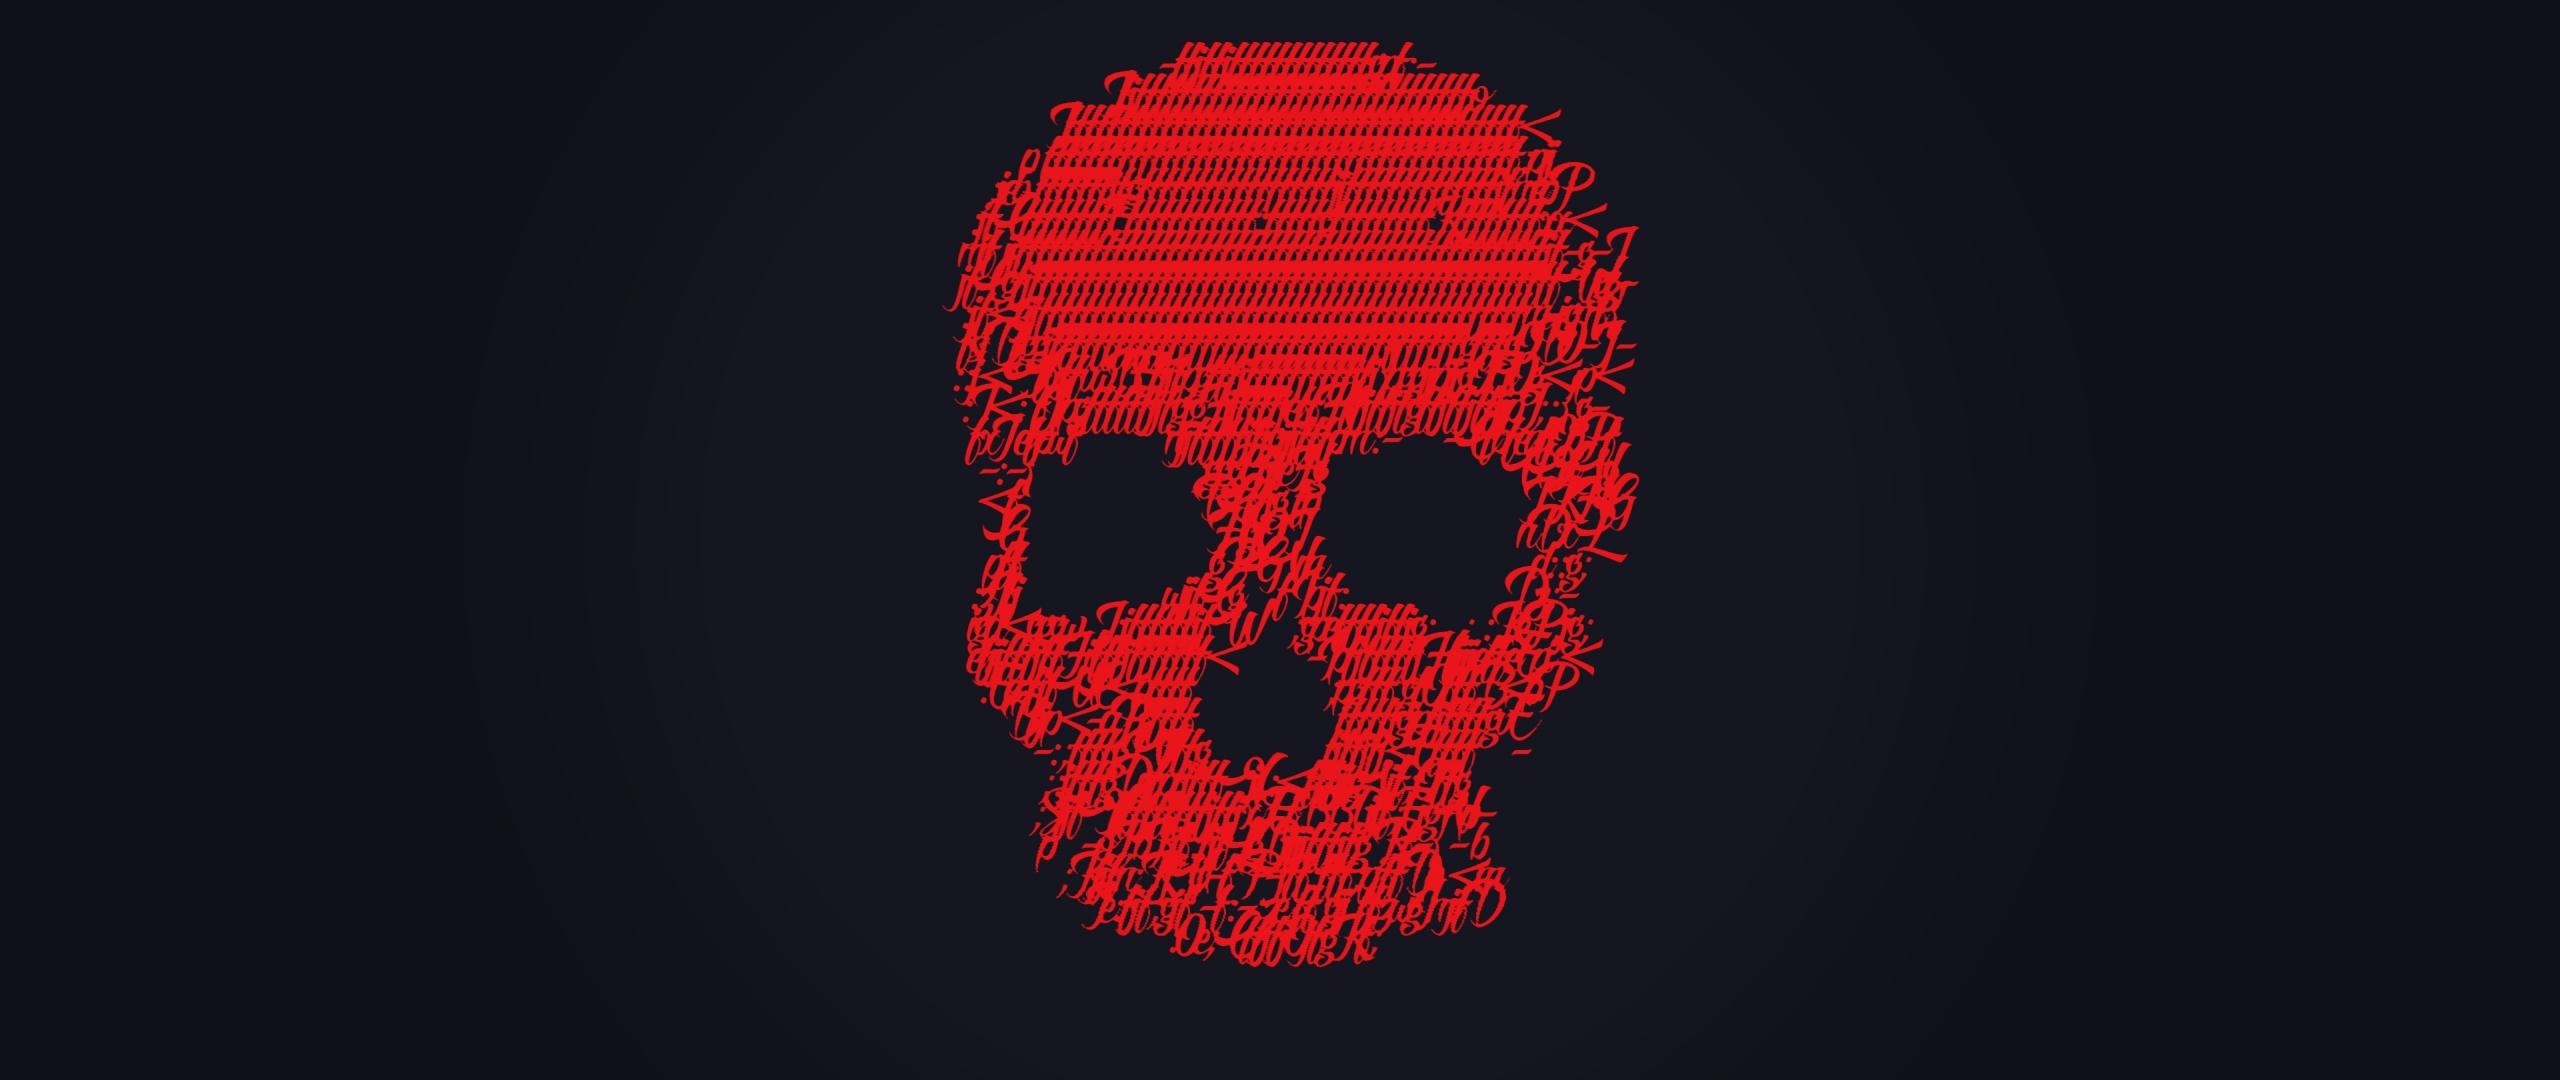 Download 2560x1080 Wallpaper Skull Glitch Art Minimal